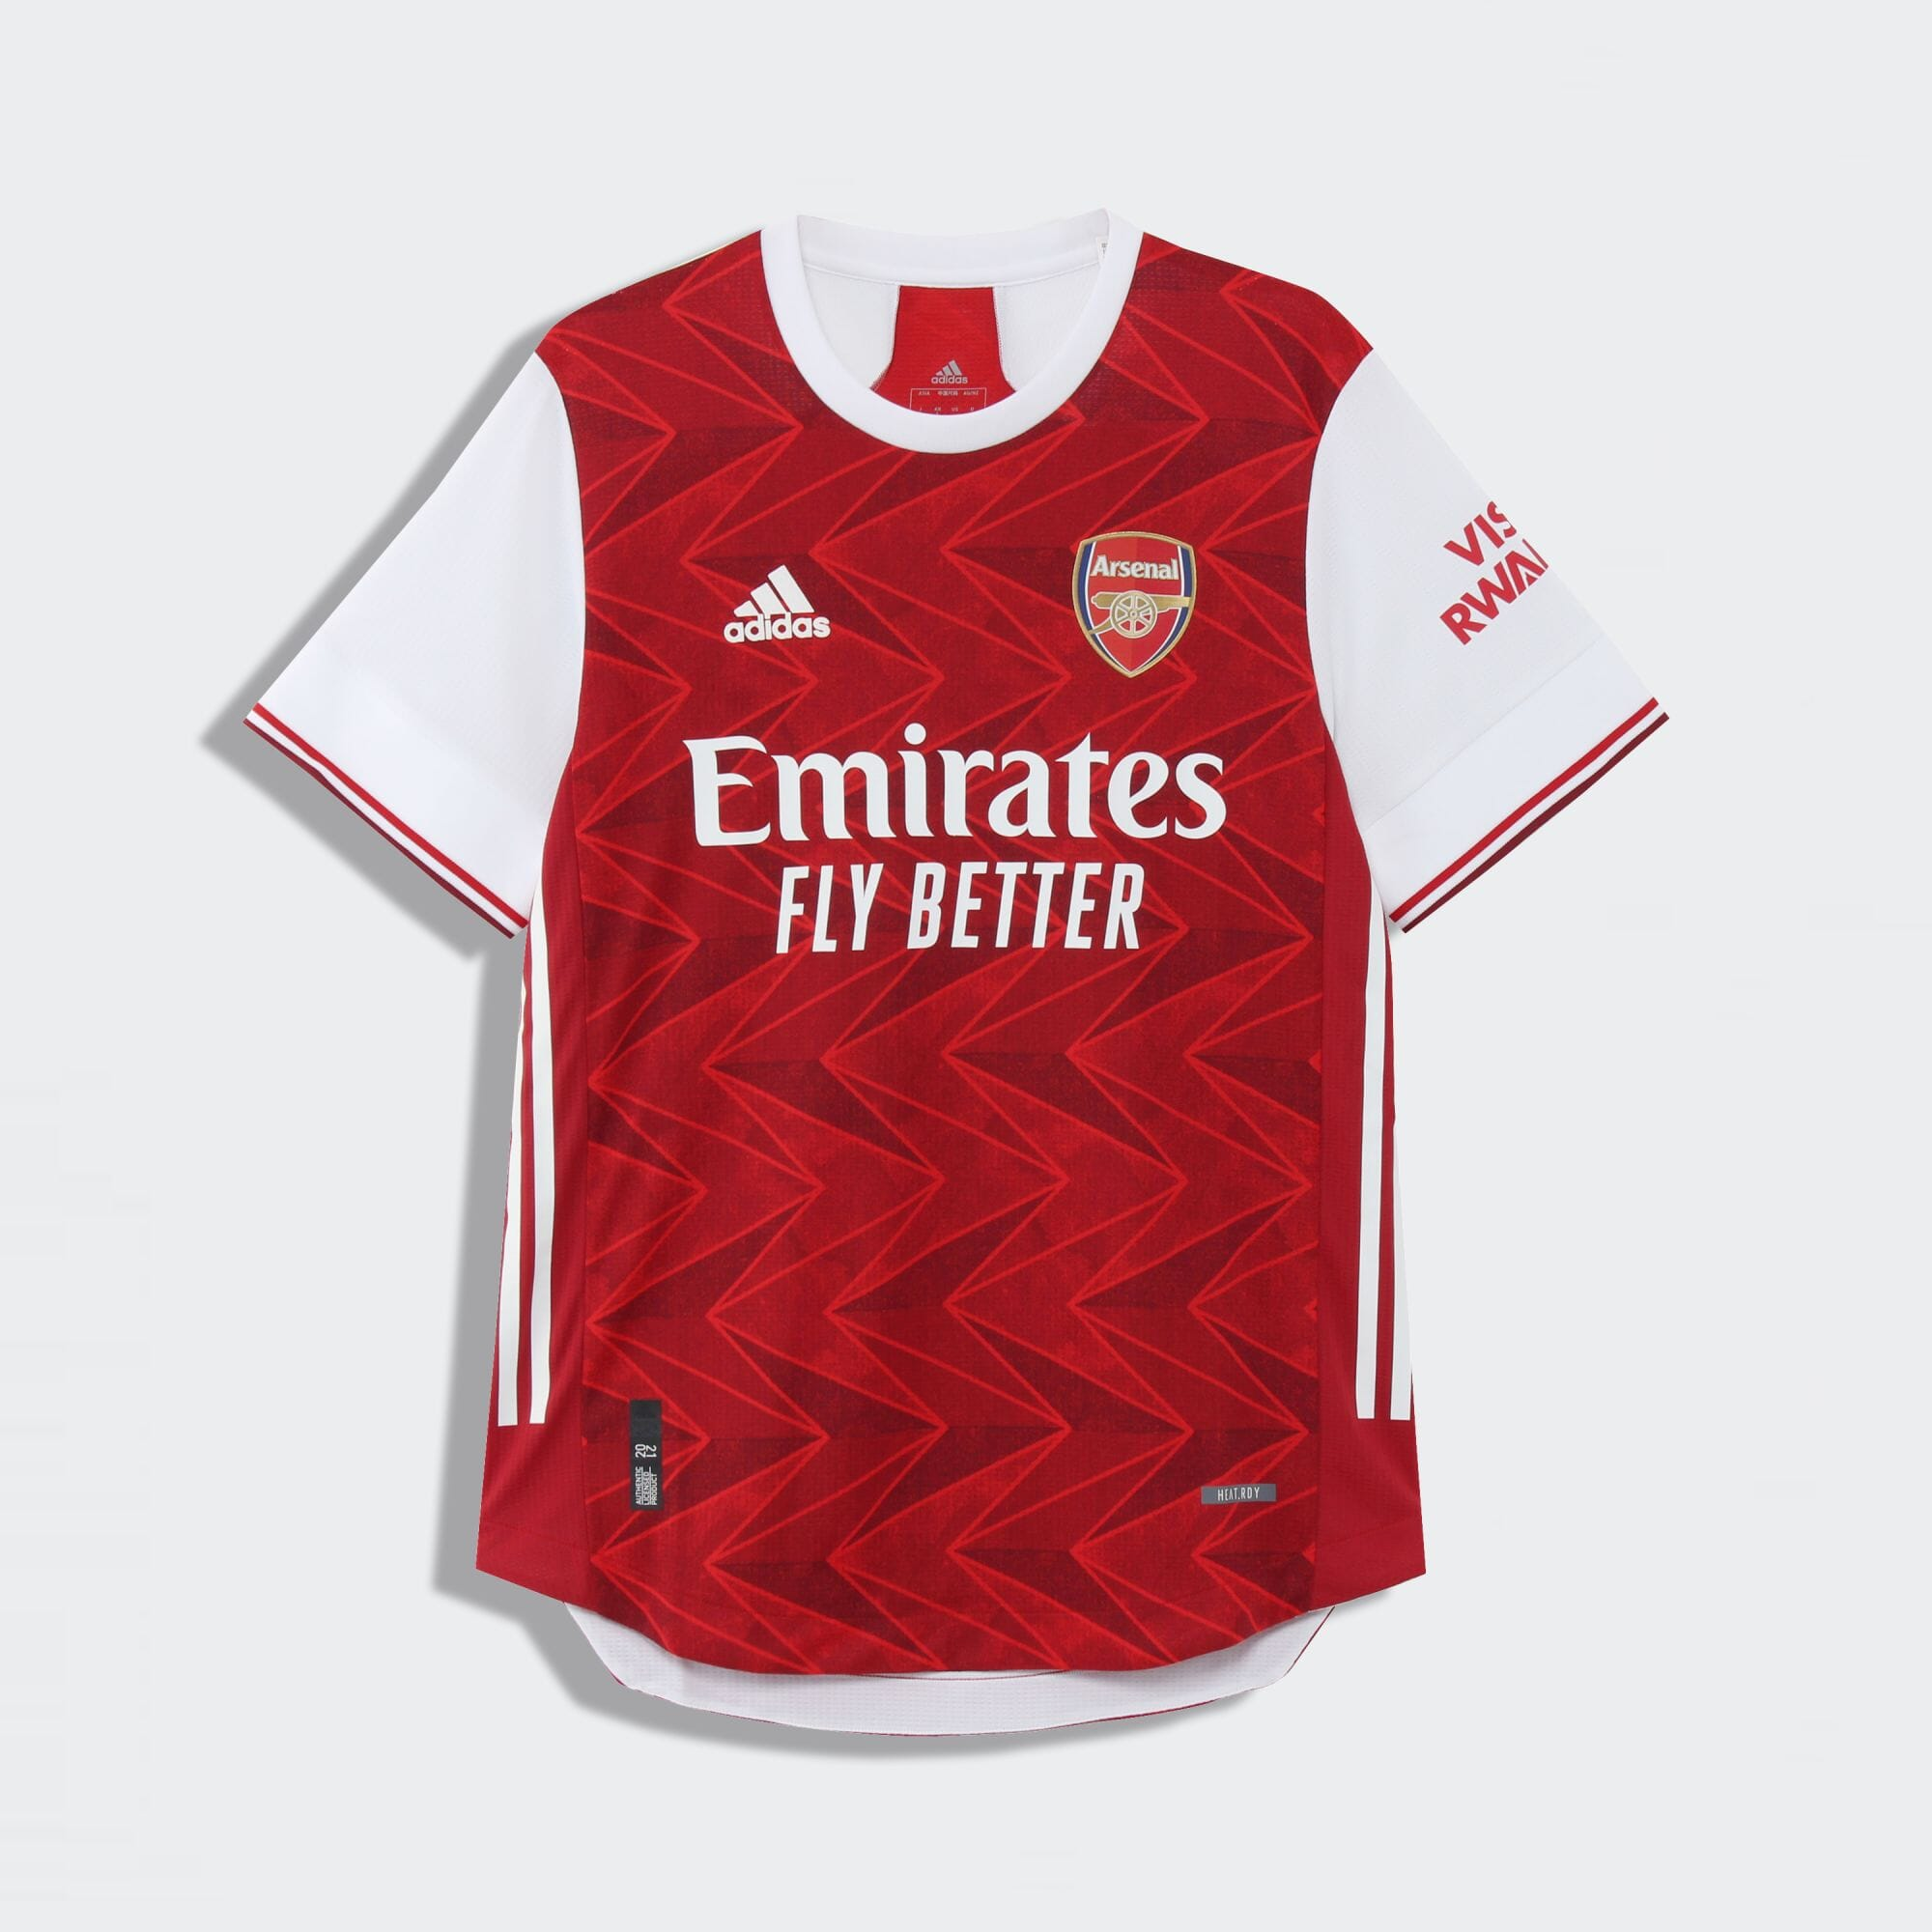 アーセナル 20/21 ホーム オーセンティック ユニフォーム / Arsenal 20/21 Home Authentic Jersey